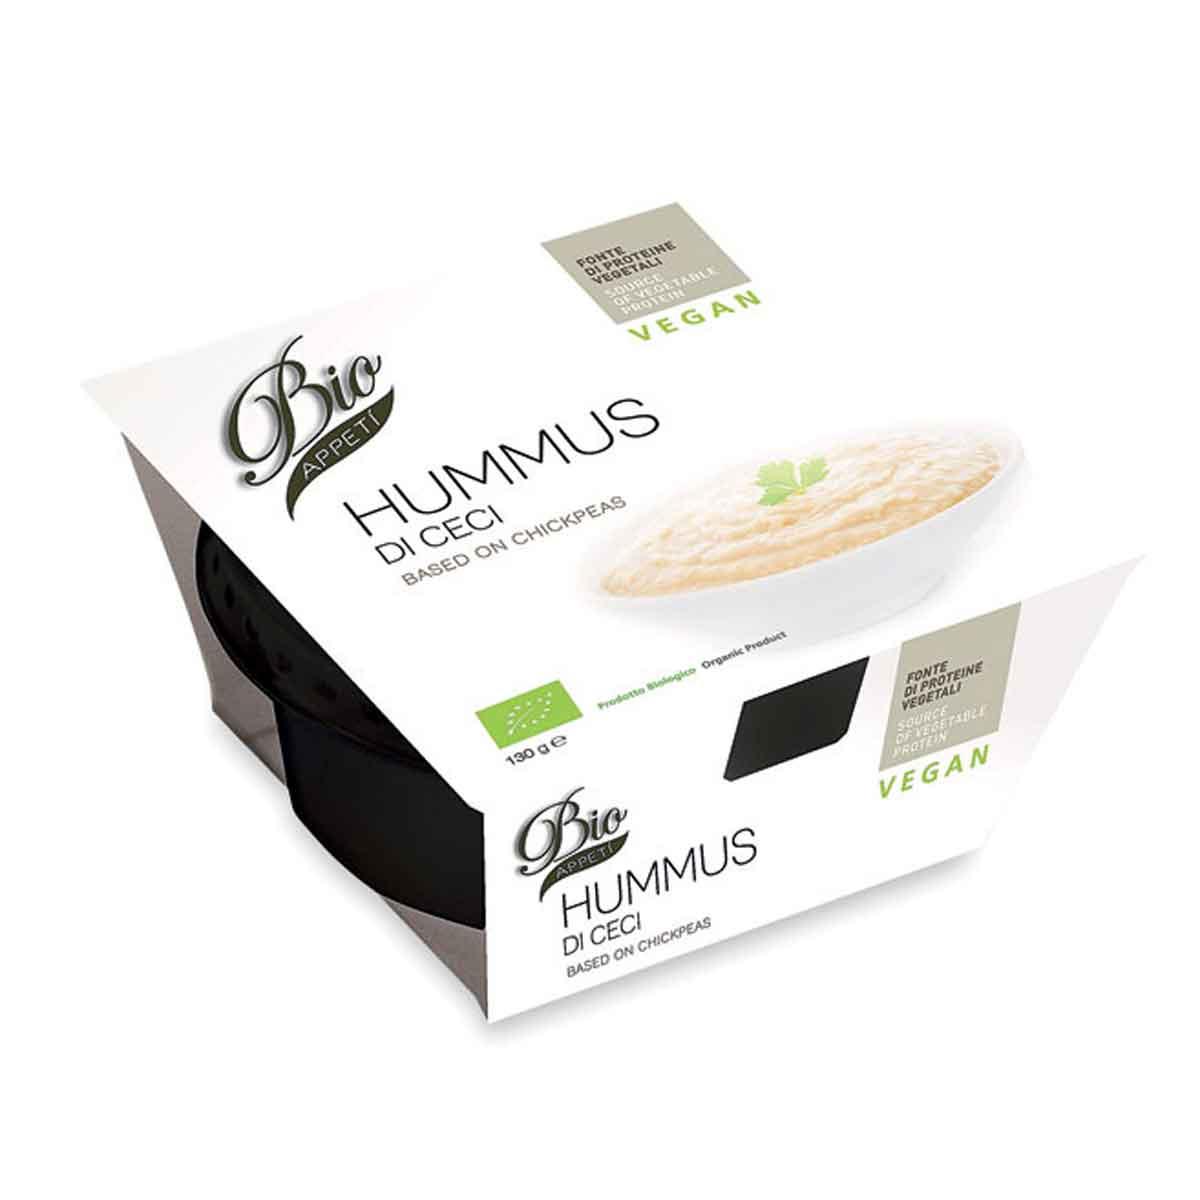 Bio appetì Hummus – crema di ceci